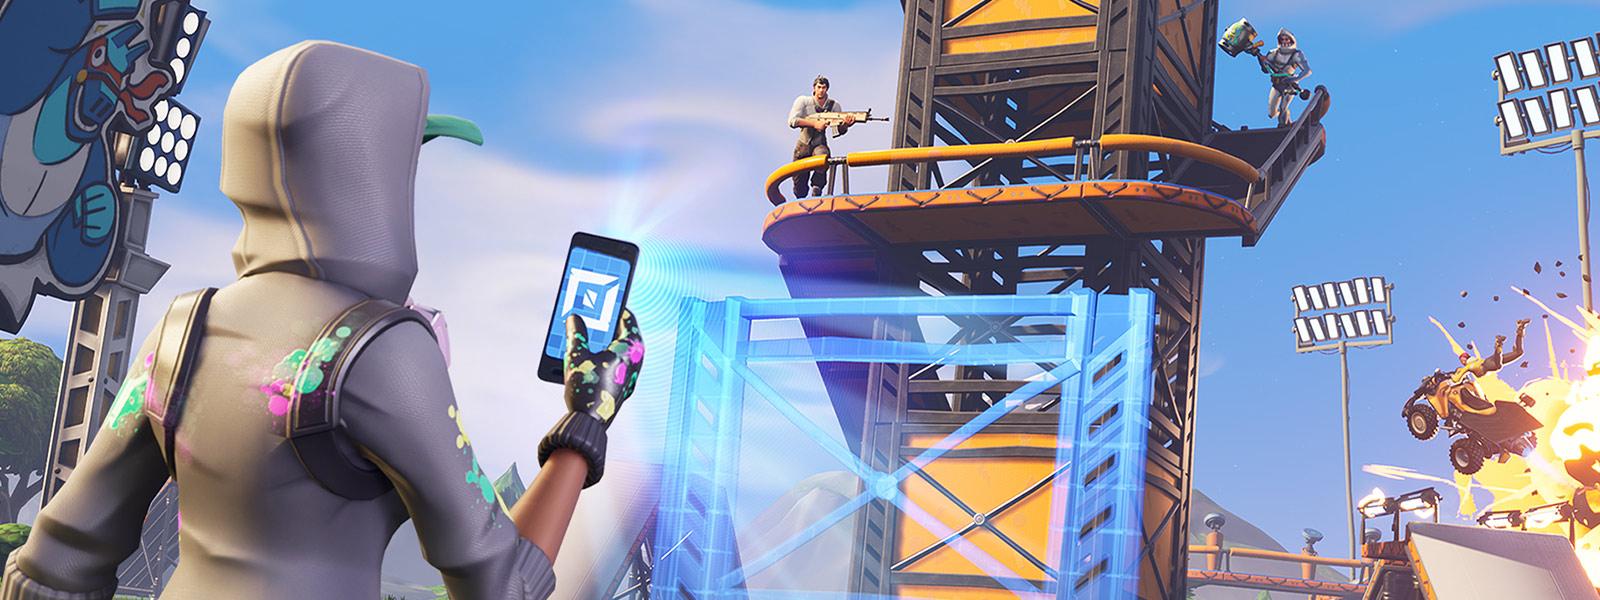 Un personaggio usa il telefono per creare un nuovo elemento nel gioco